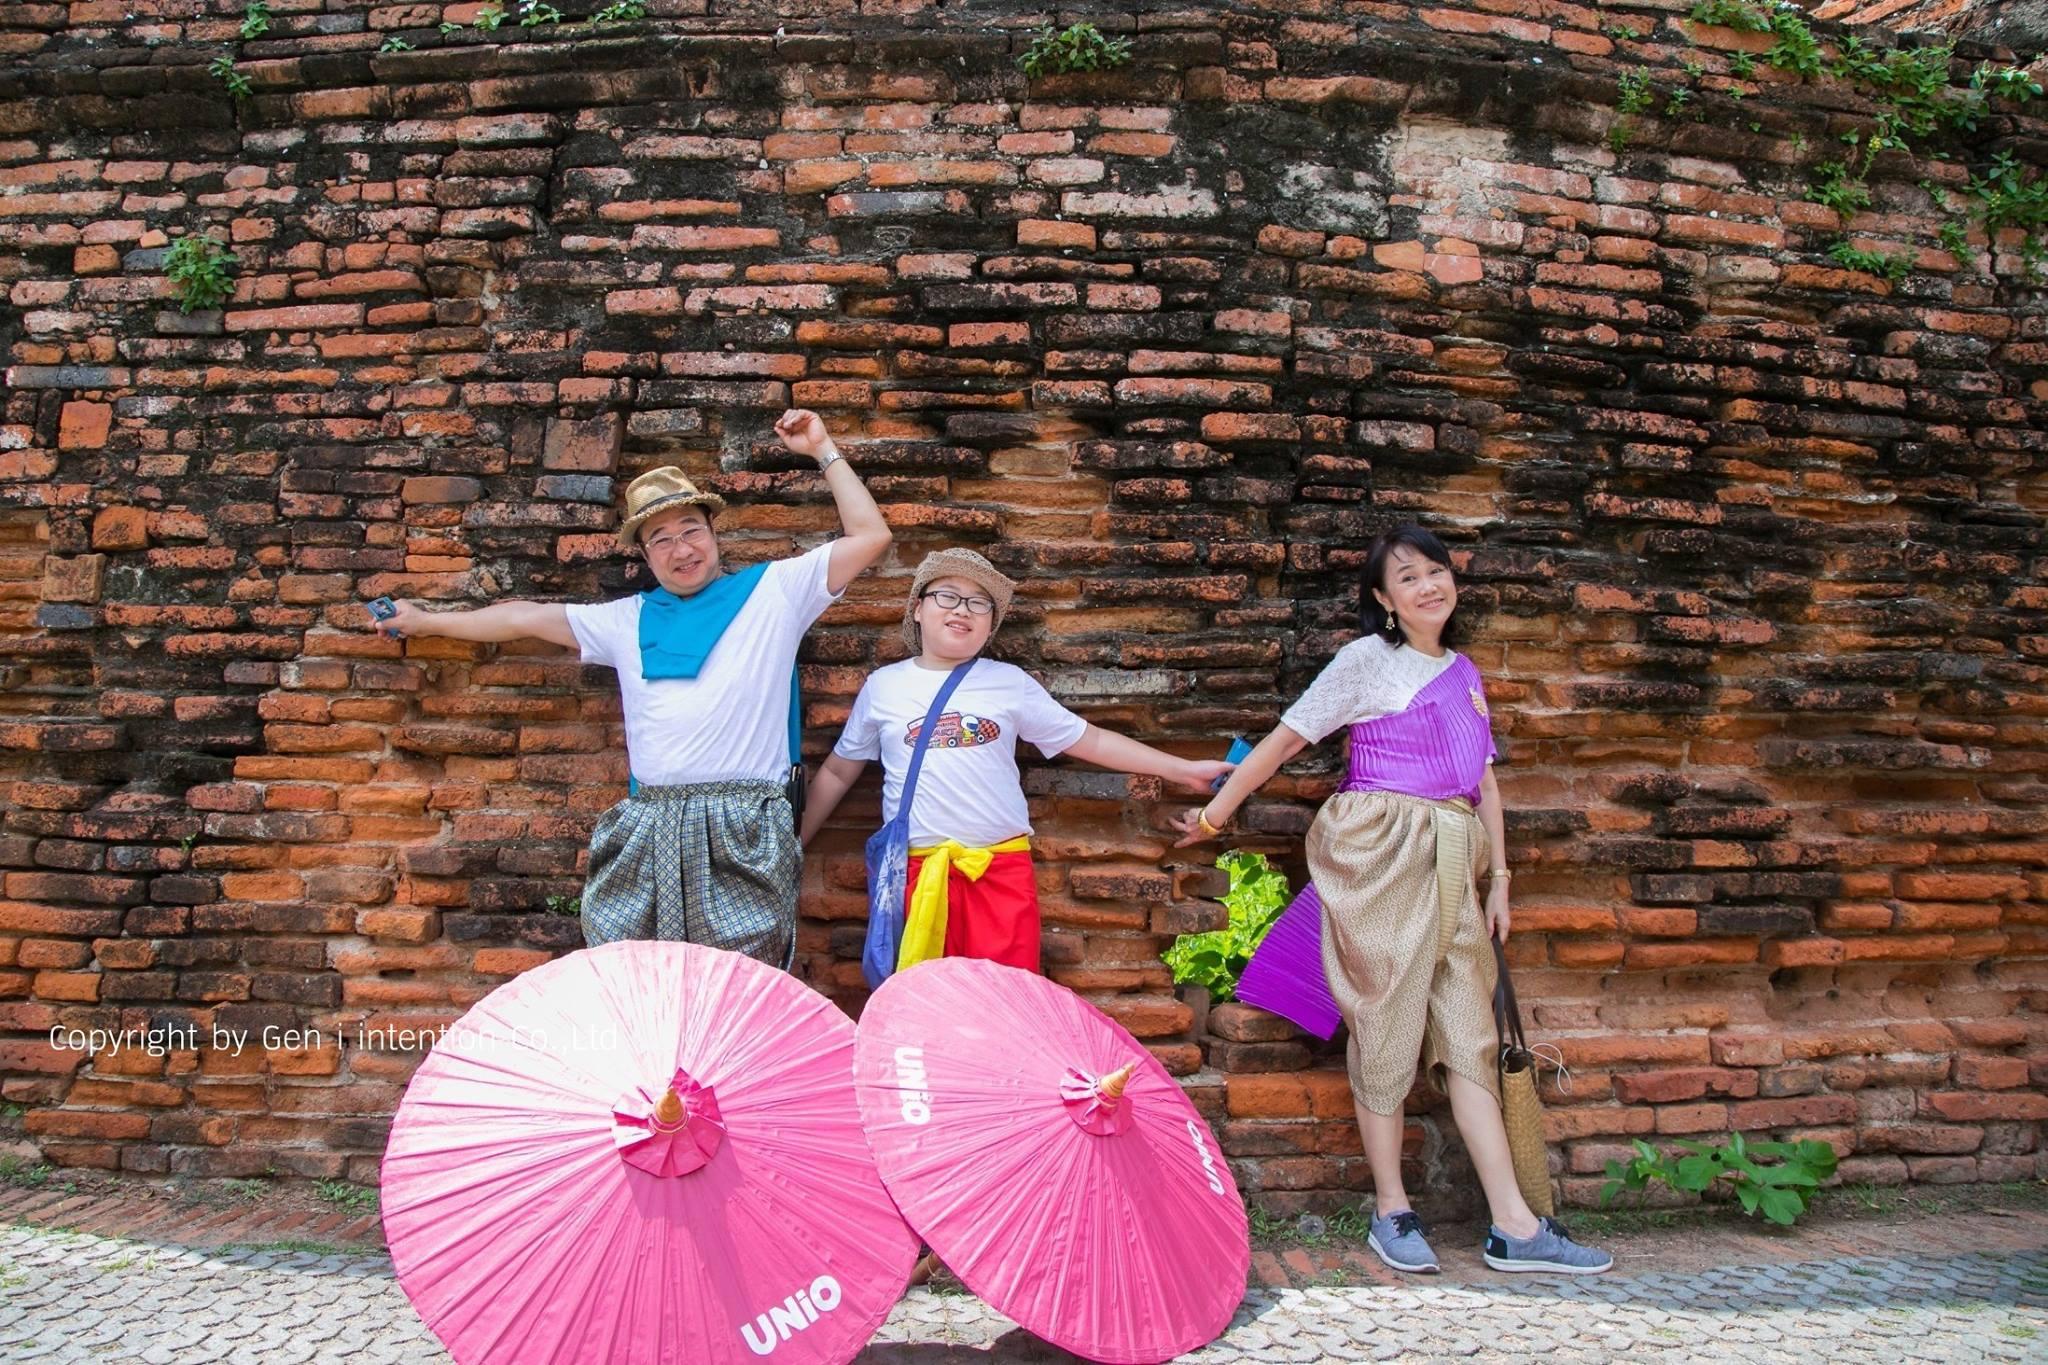 UNIO Trip Ayutthaya